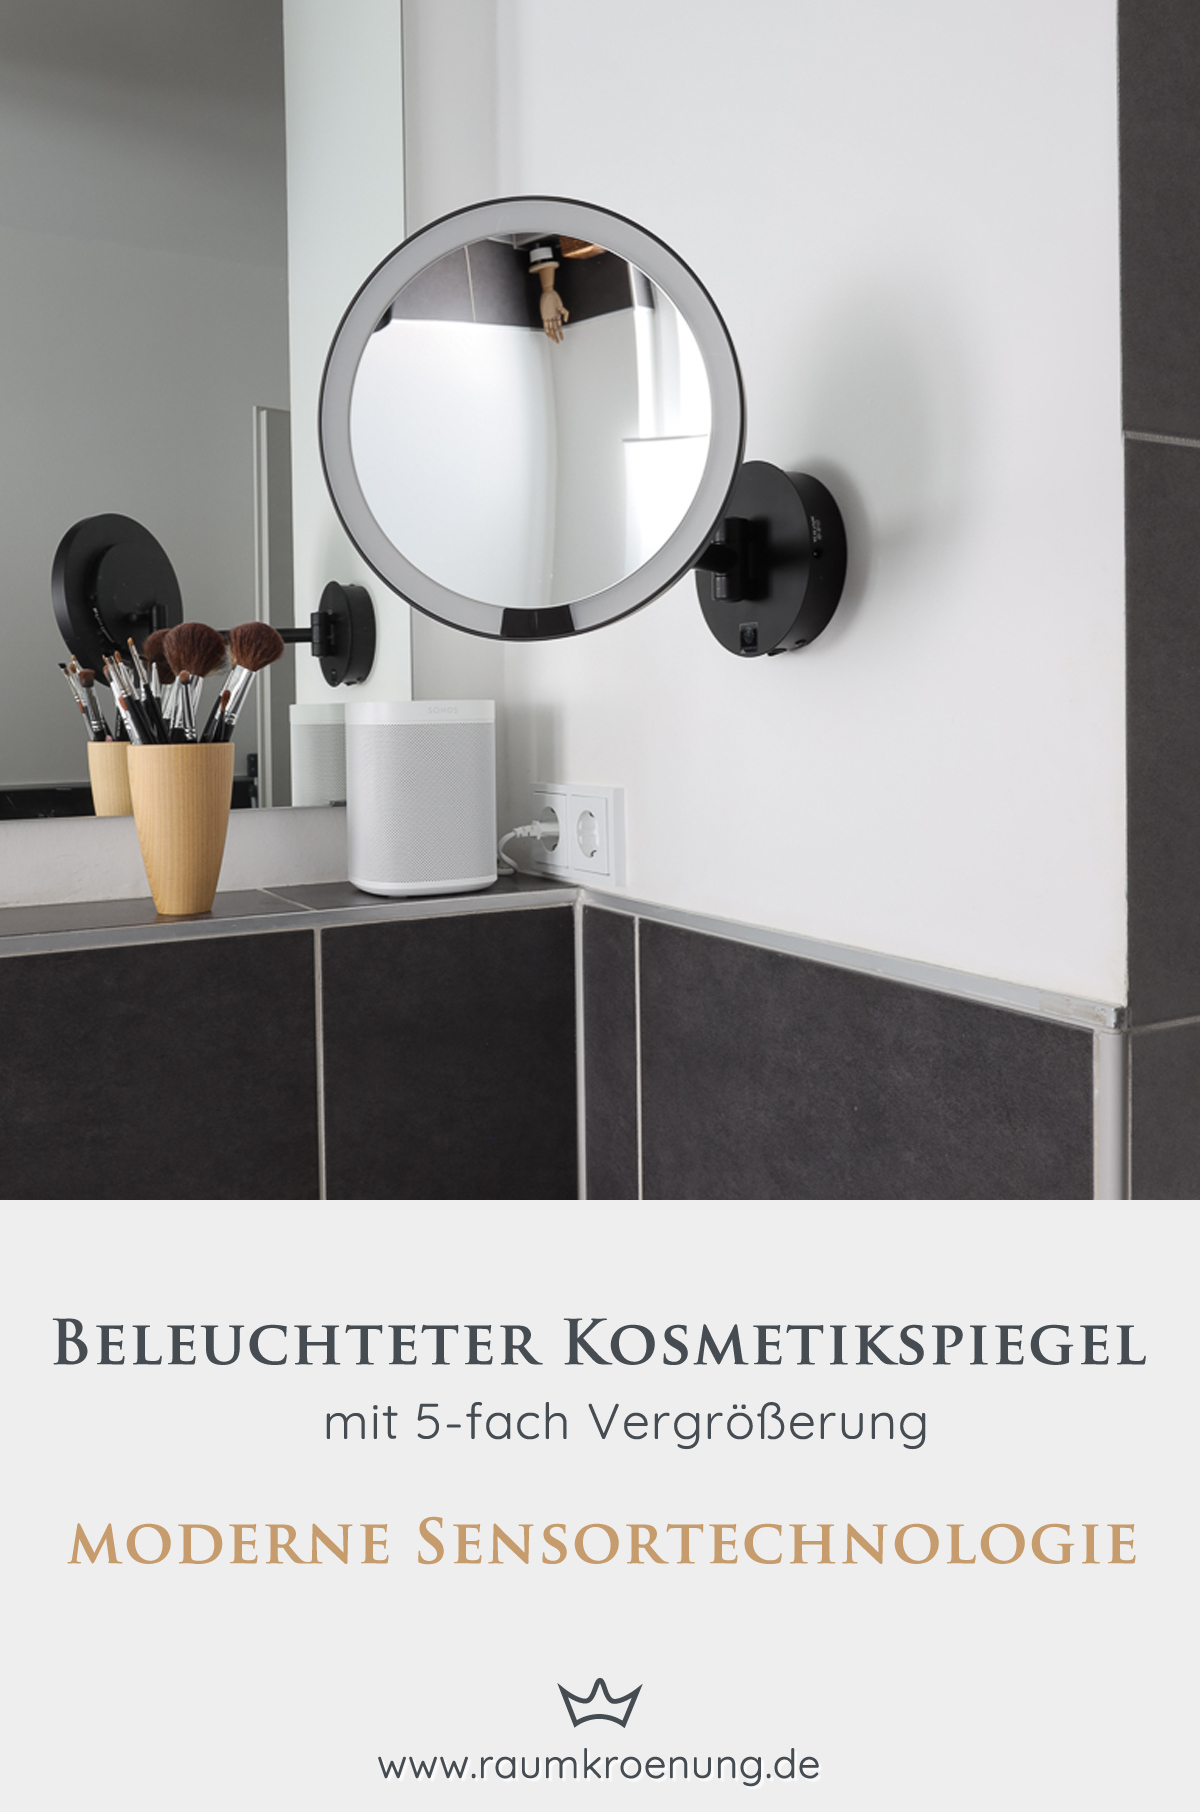 Kosmetikspiegel mit Akku I Beleuchteter Kosmetikspiegel ohne Direktanschluss